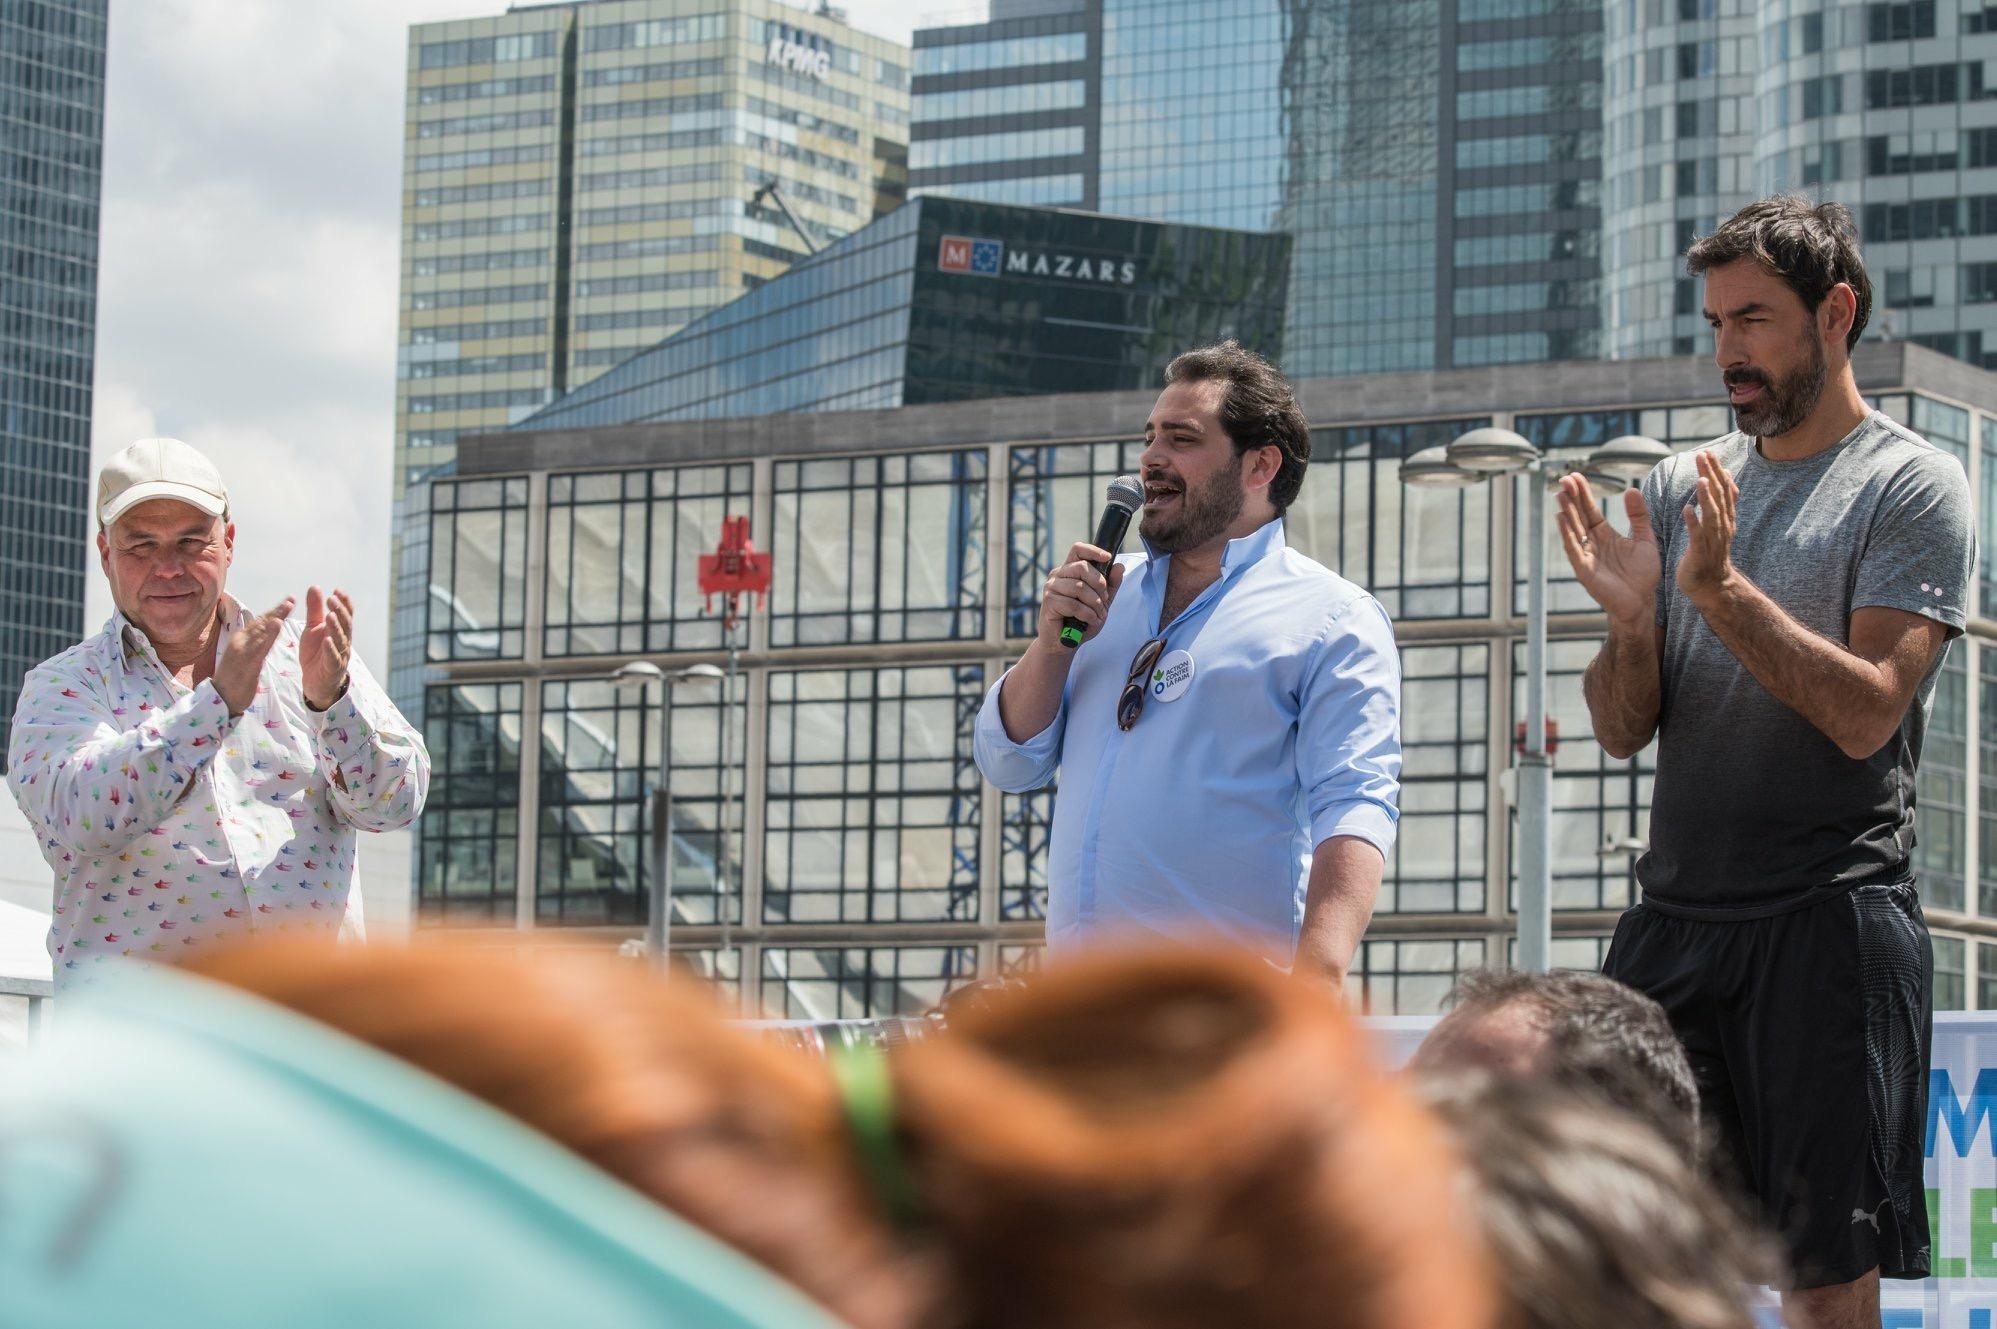 Dorian Dreuil, Secrétaire Général d'Action contre la Faim : «S'engager, c'est s'épanouir et grandir»